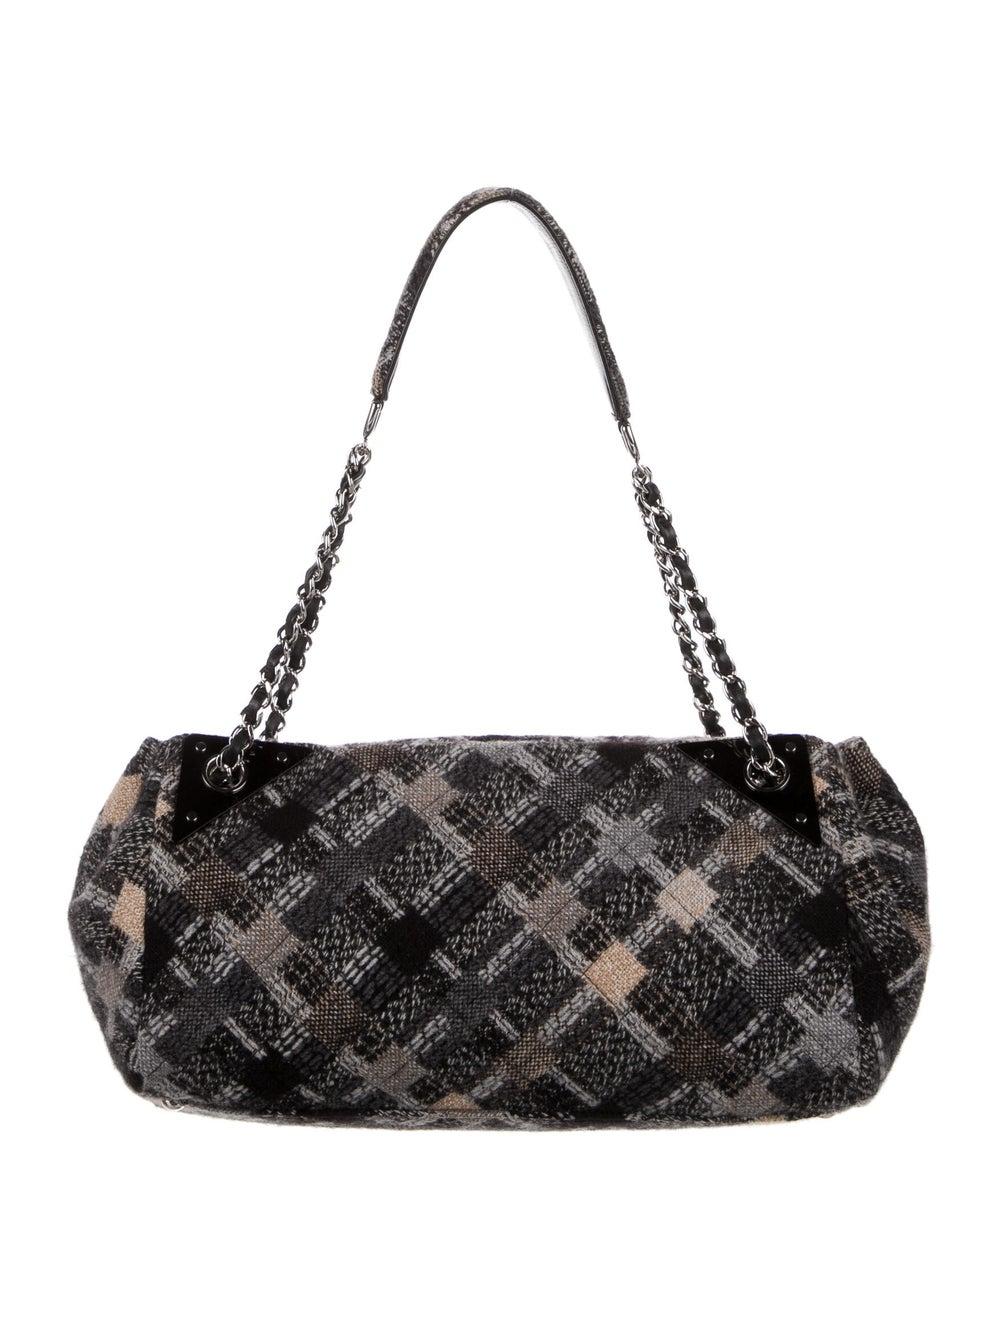 Chanel Jumbo Tweed Single Flap Bag Grey - image 4